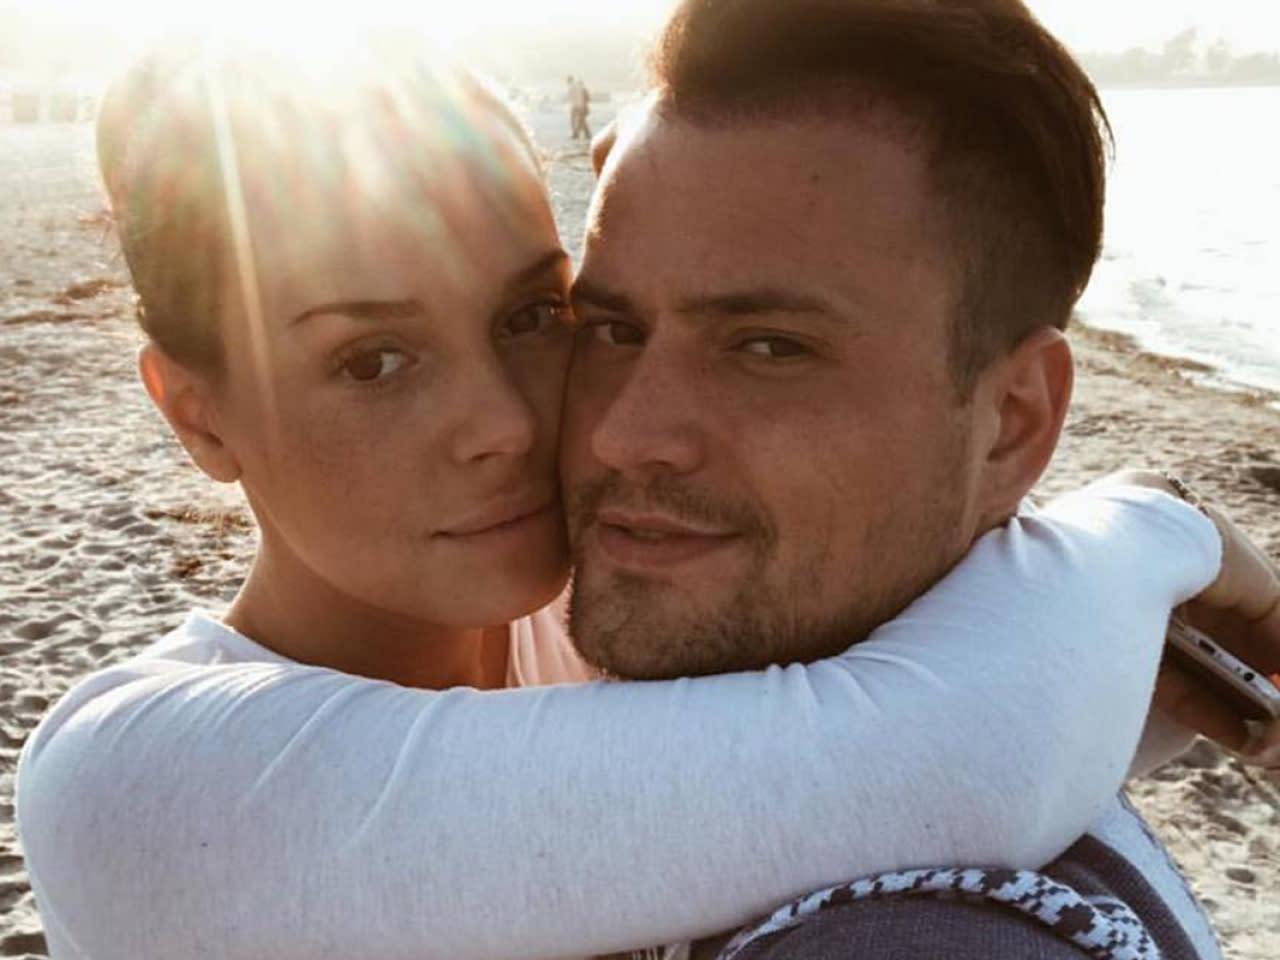 Diss gegen Ex-Freundin Kim Gloss? Rocco Stark schimpft auf